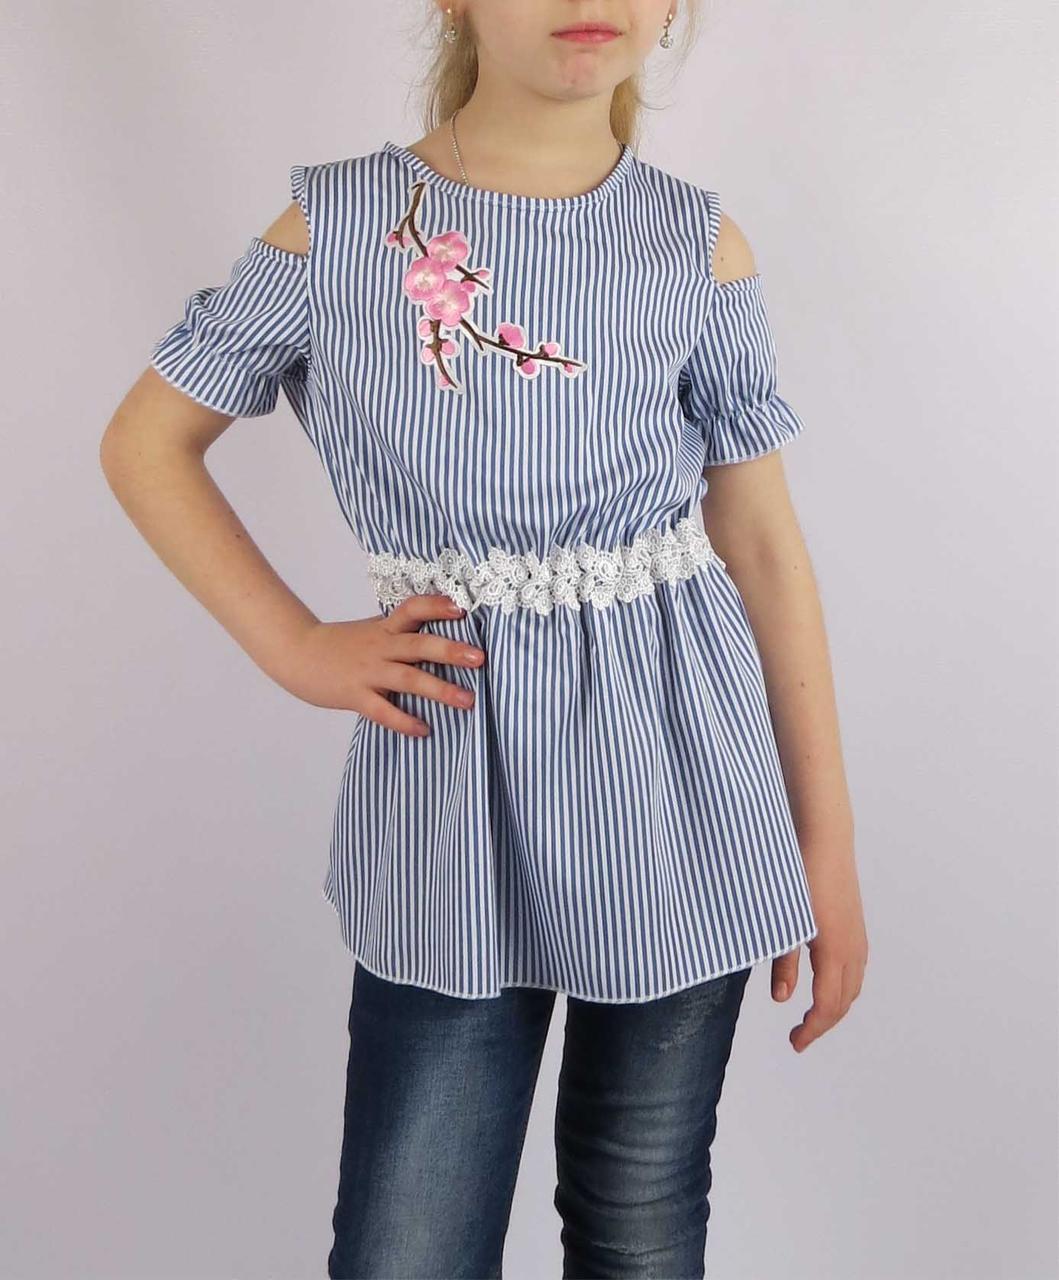 Платье сакура код 612 размеры от 116 см до 134 см (от 5 до 9 лет), фото 2